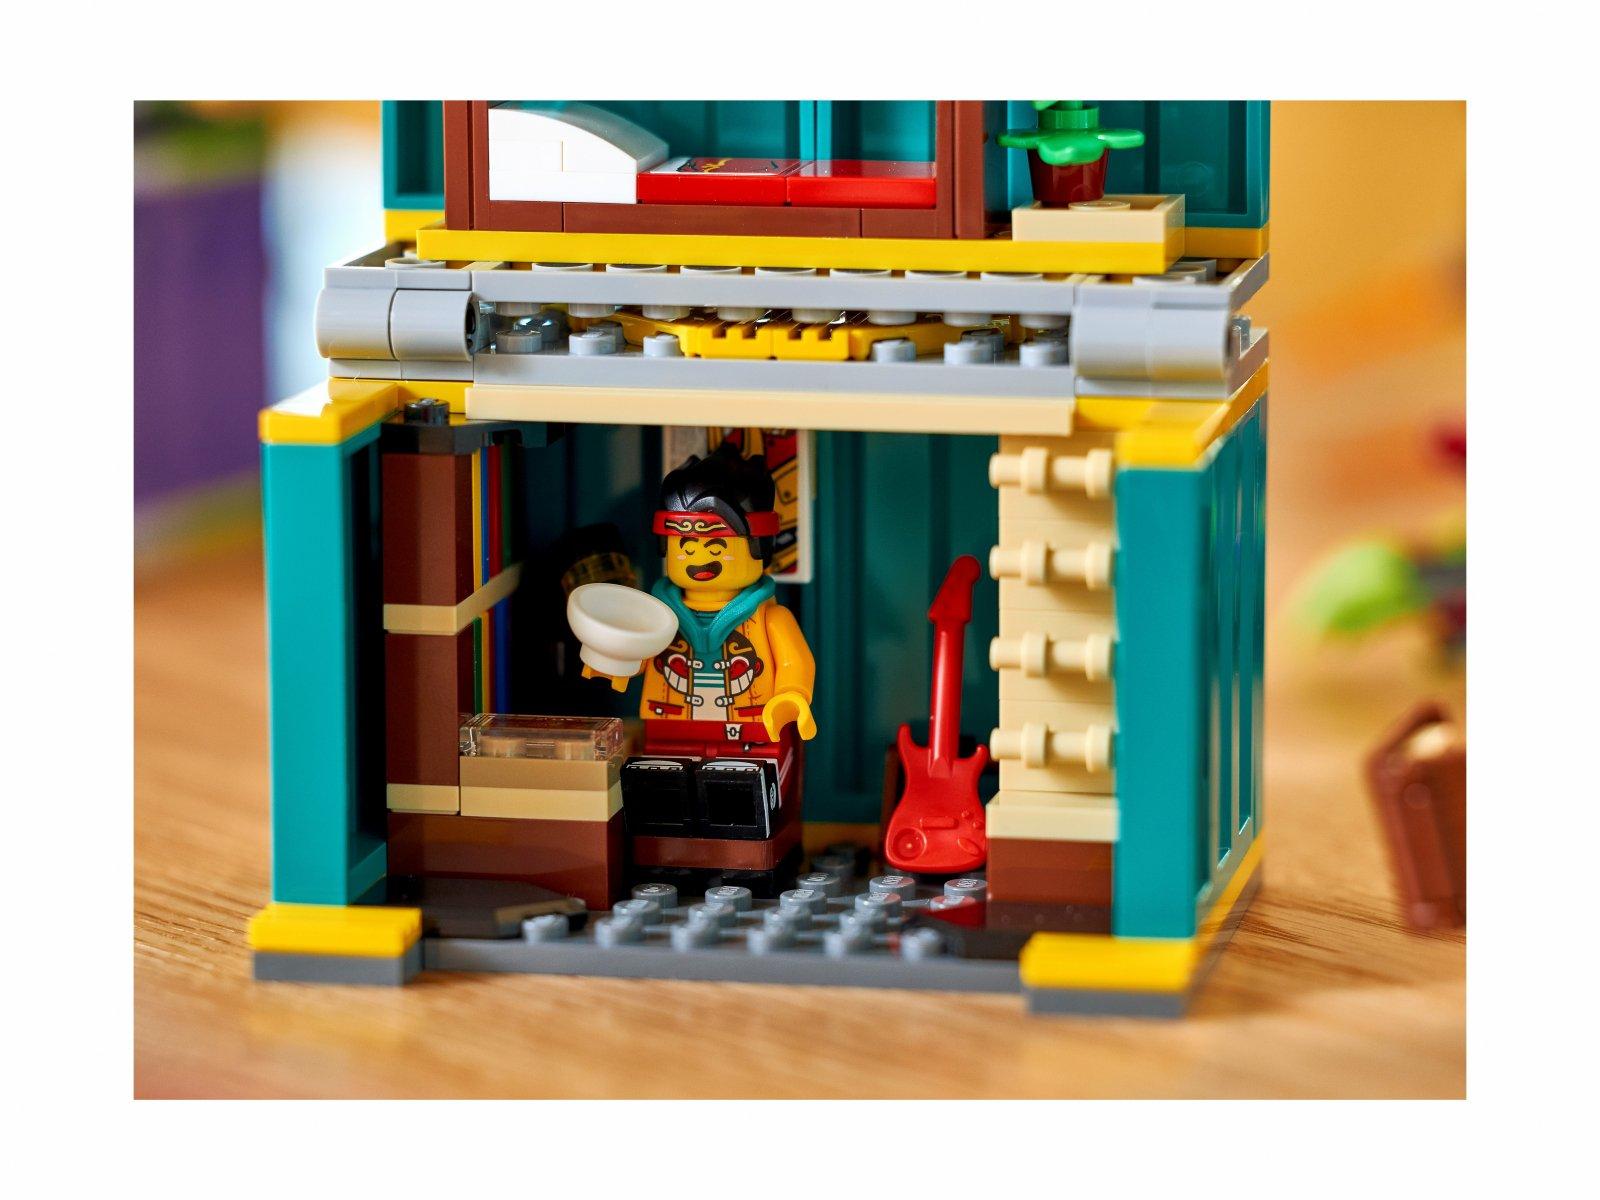 LEGO 80023 Dronkopter ekipy Monkie Kida